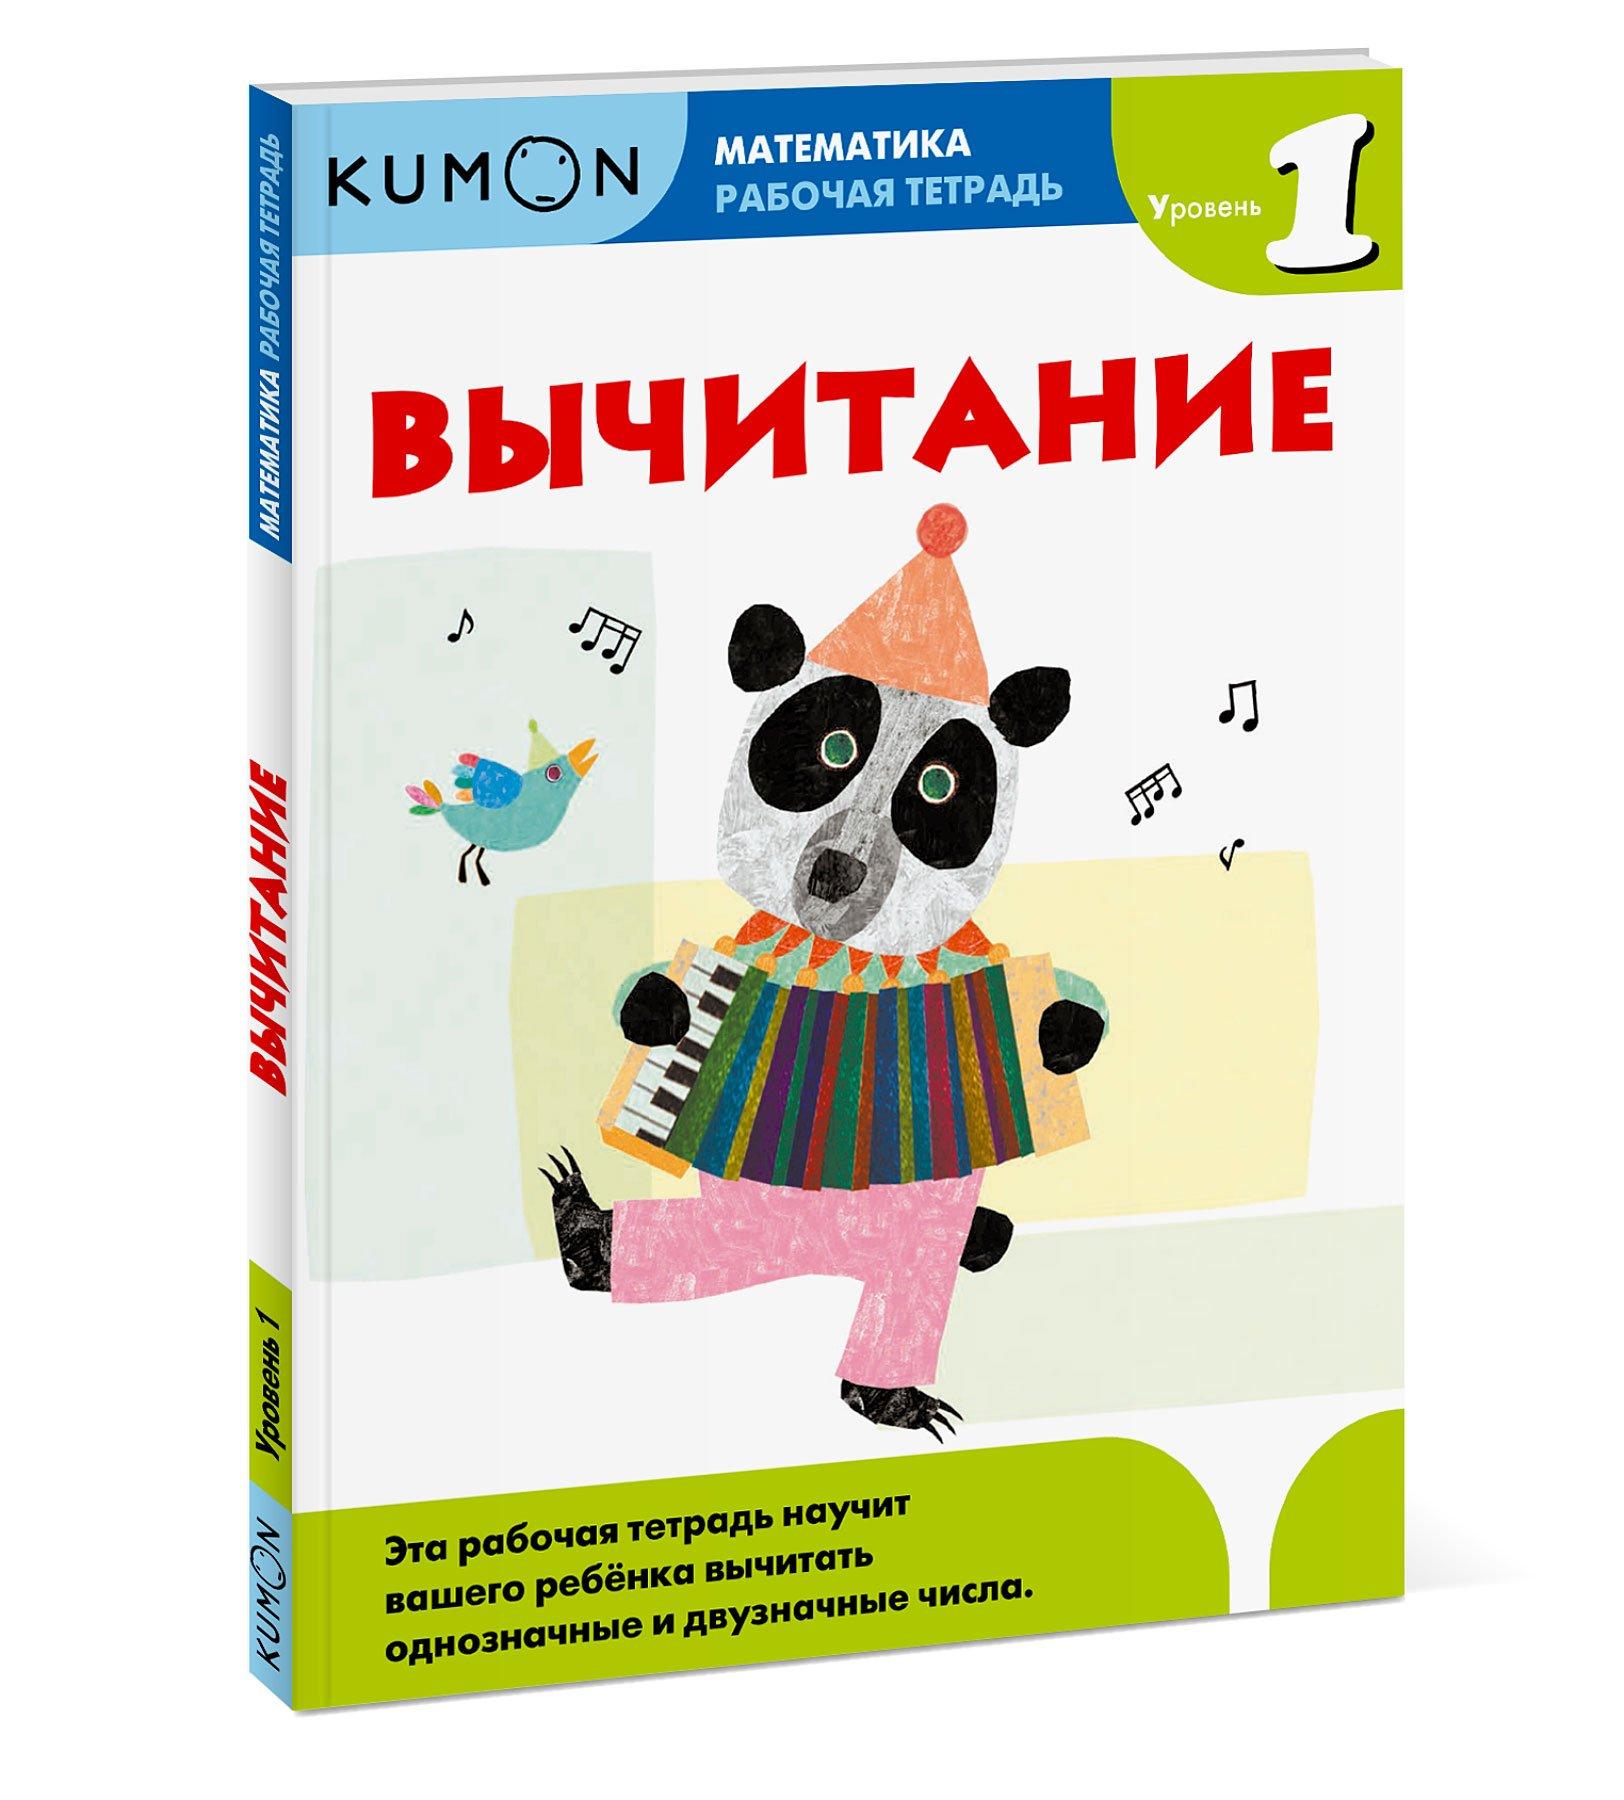 купить Kumon Математика. Вычитание. Уровень 1 Kumon по цене 392 рублей